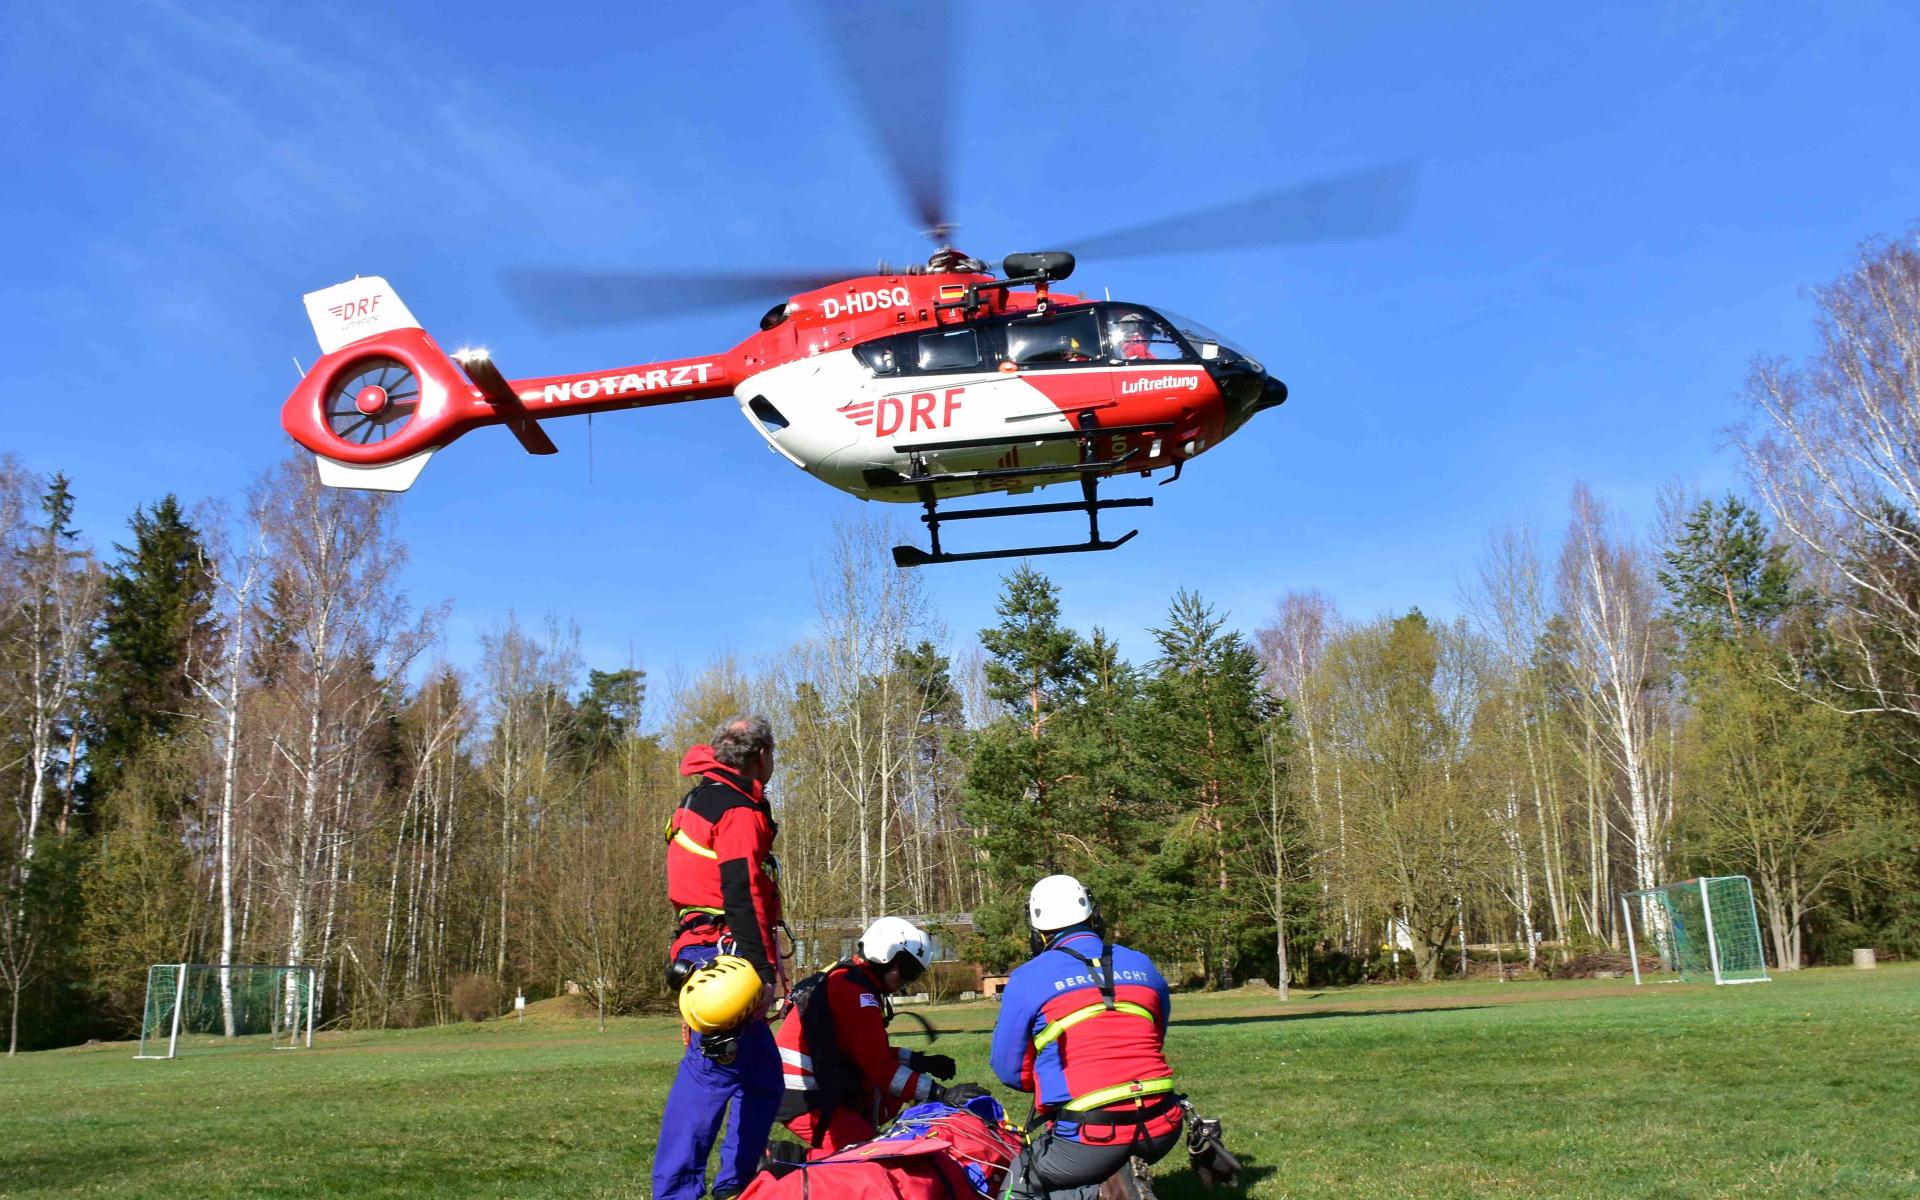 Gemeinsam mit der DRK Bergwacht trainierten die Luftretter am vergangenen Wochenende den Einsatz mit der am Hubschrauber fest installierten Winde.